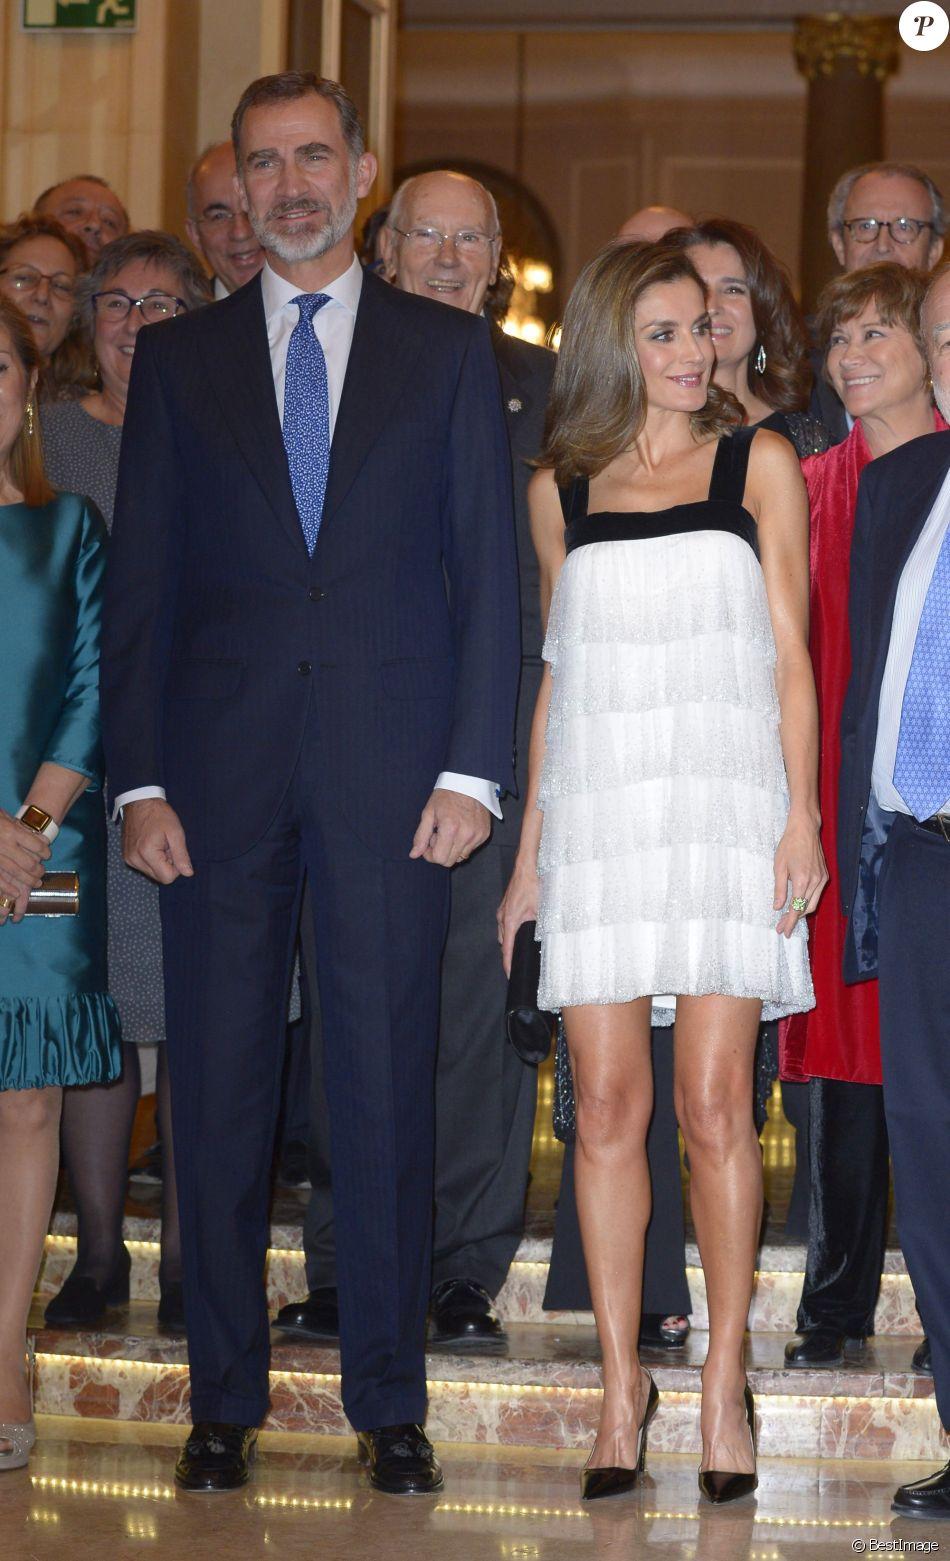 La reine Letizia (portant une robe Teresa Helbig) et le roi Felipe VI d'Espagne lors de la remise du Prix Francisco Cerecedo de journalisme à l'hôtel Le Ritz à Madrid, le 22 novembre 2017.